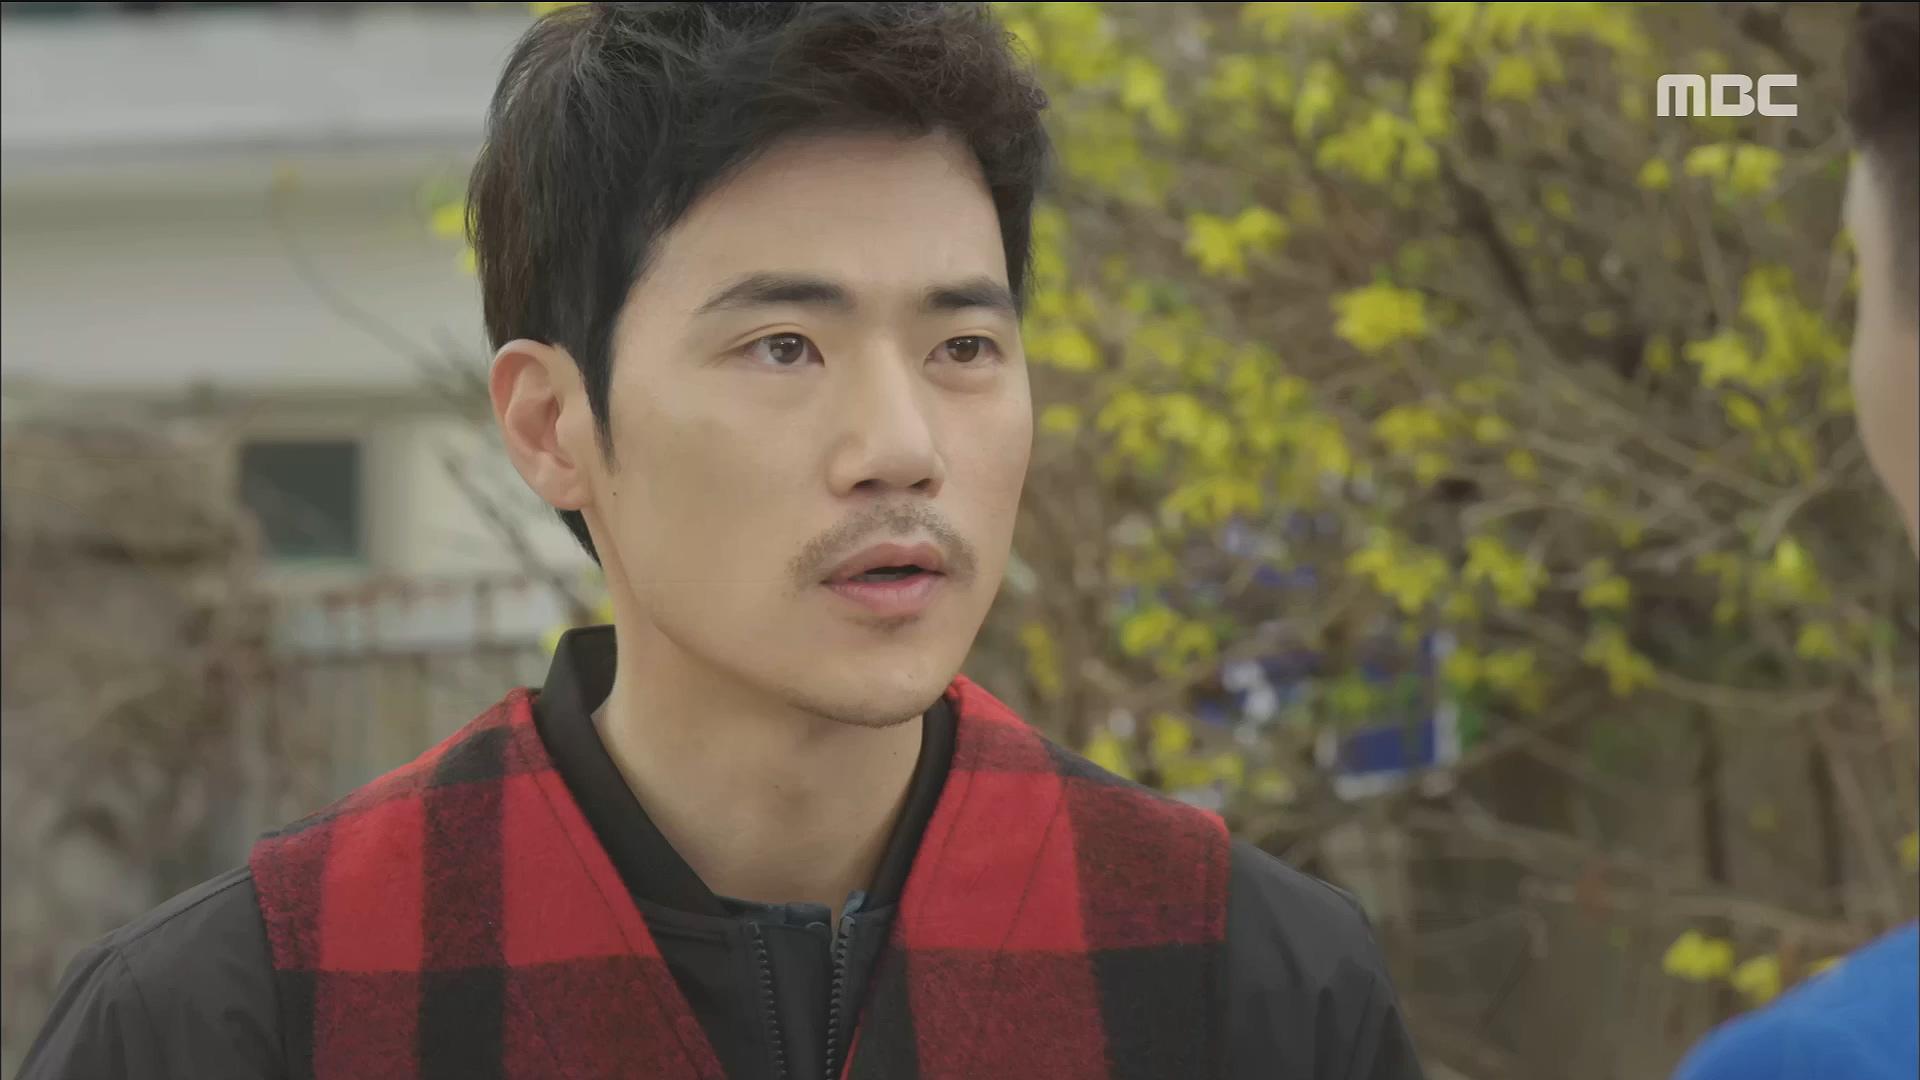 김강우, 유이 집 앞에 찾아온 정상훈에 '우리 사랑하는 사이야'